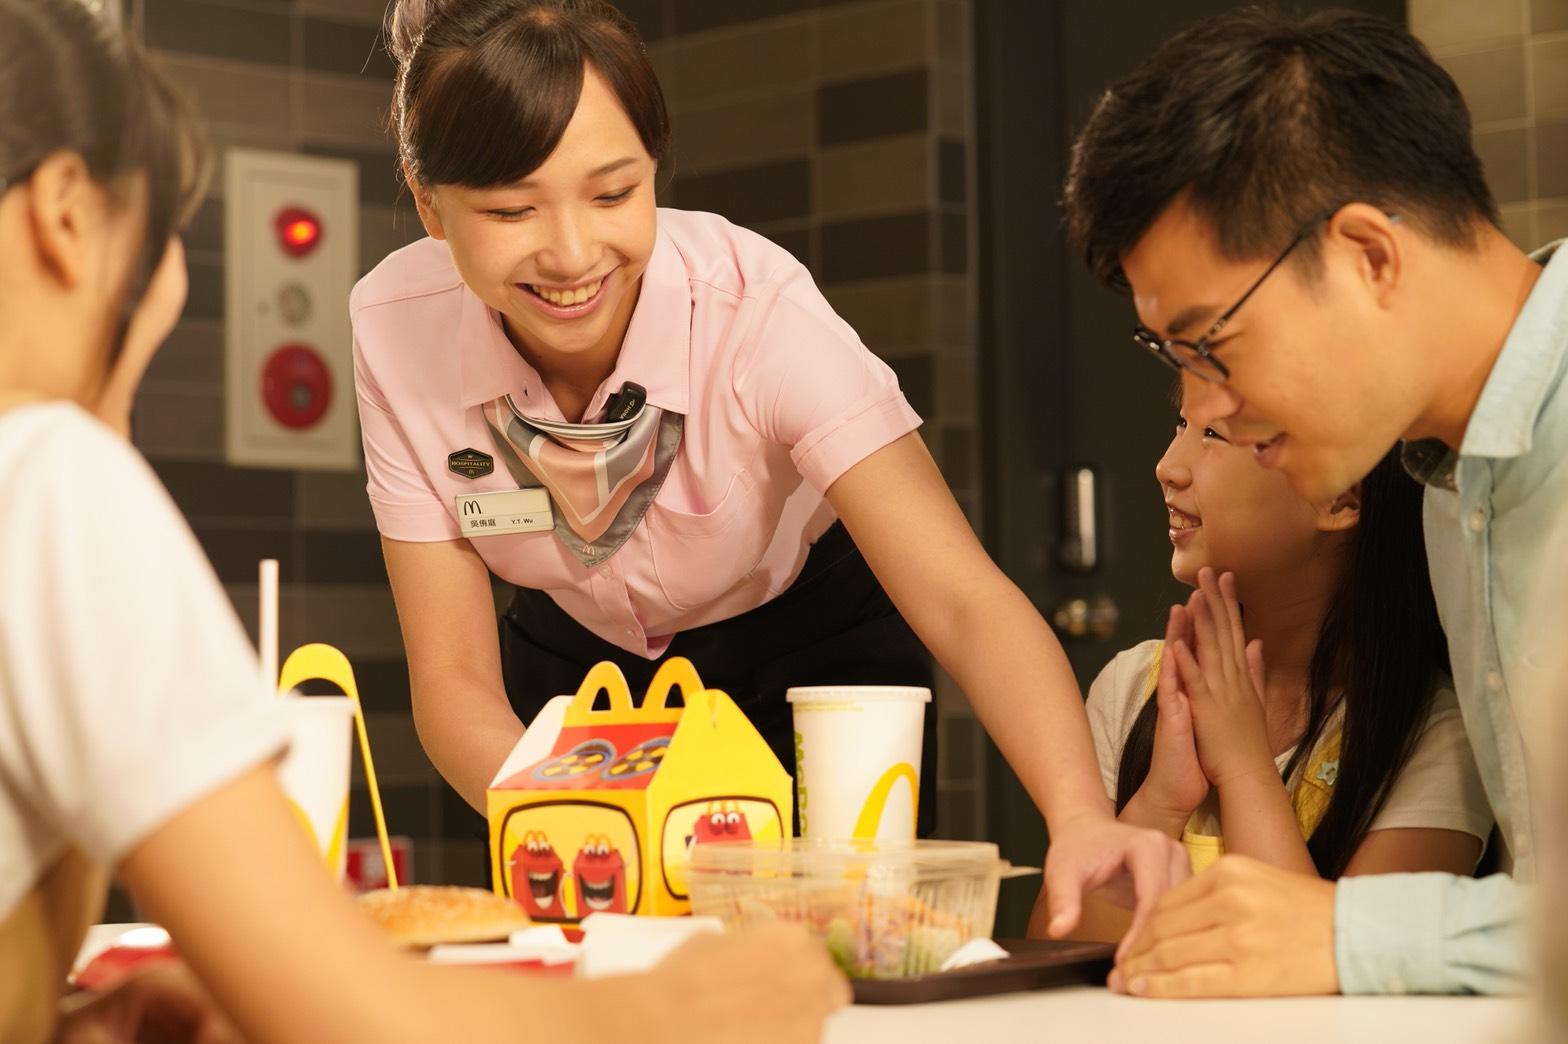 餐飲業王品、星巴克、麥當勞都上榜Cheers Top 100